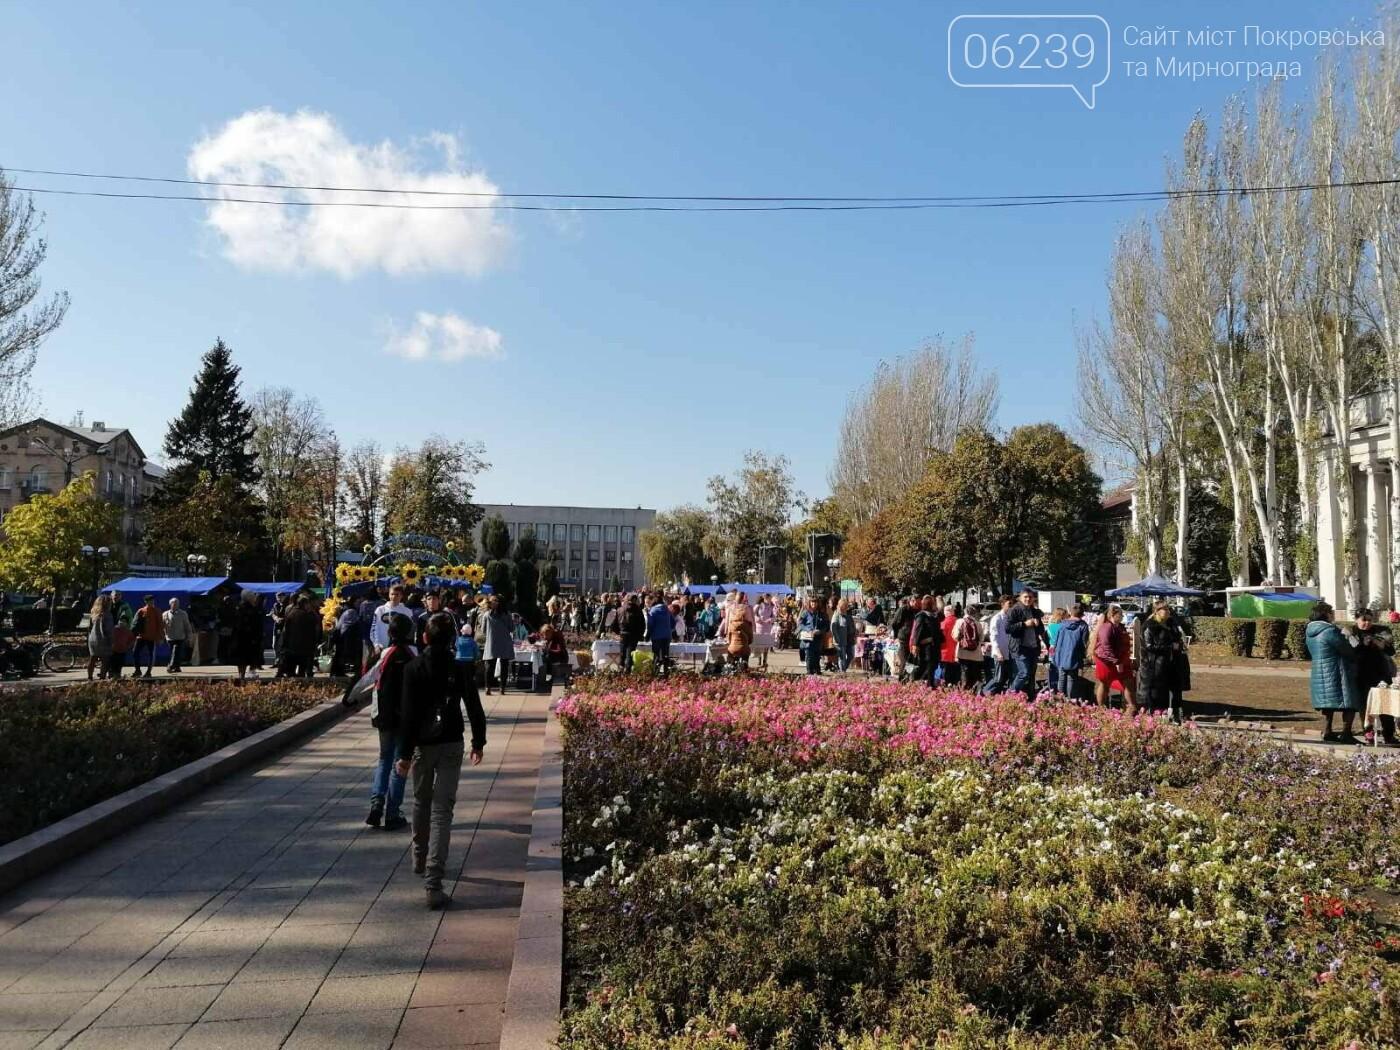 Святкова программа на честь святкування Дня захисника триває у Покровську, фото-16